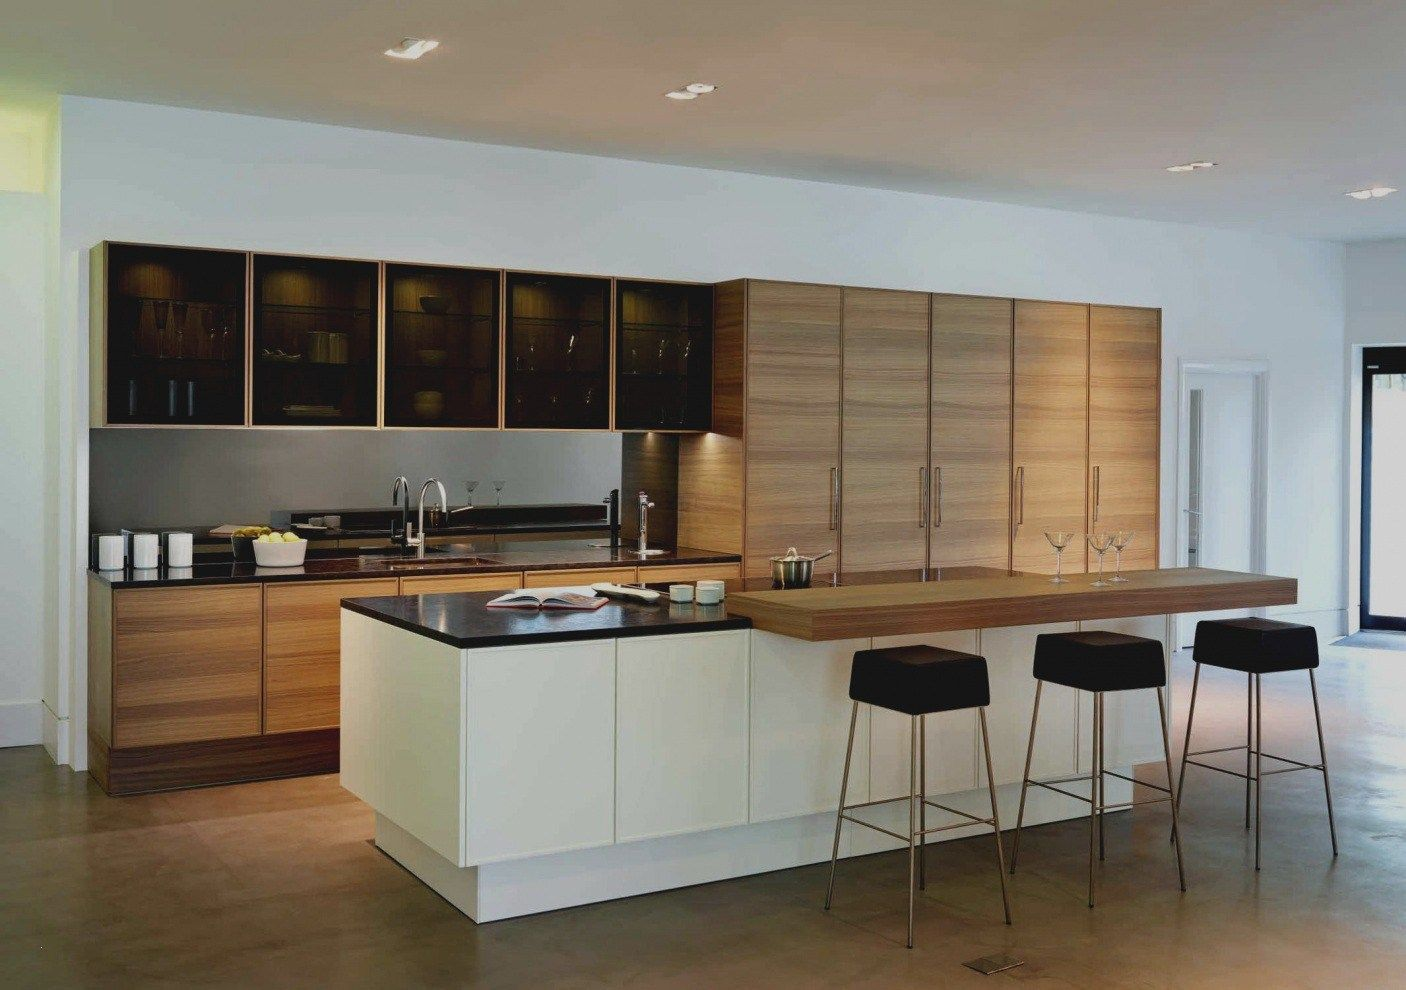 Moderne Kuche Mit Insel Kuchen Mit Kochinsel Home Design